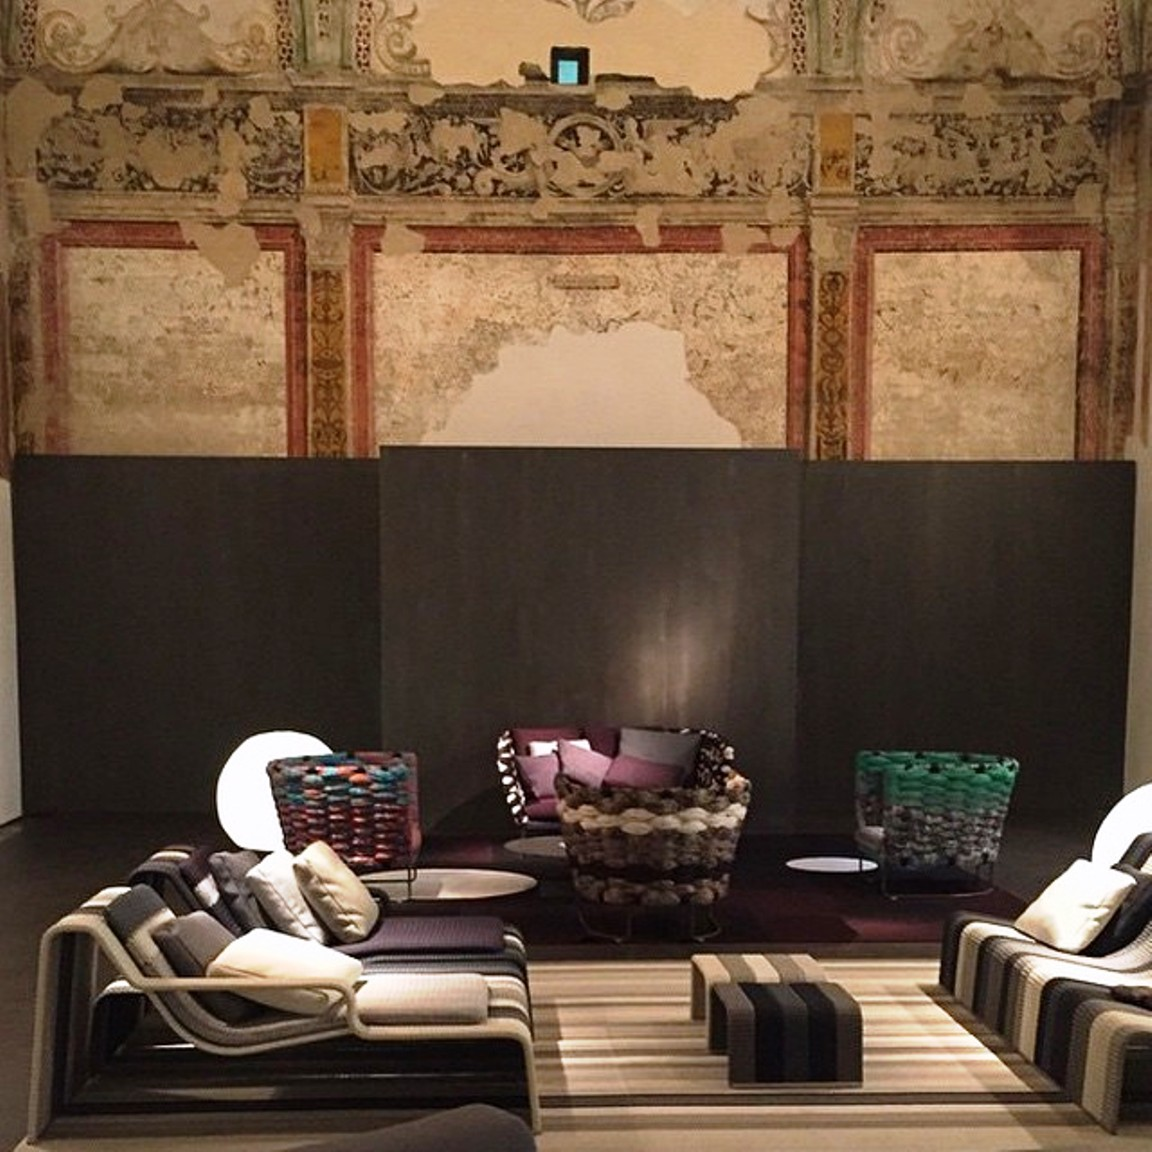 paola lenti salone milan 2015 (3)